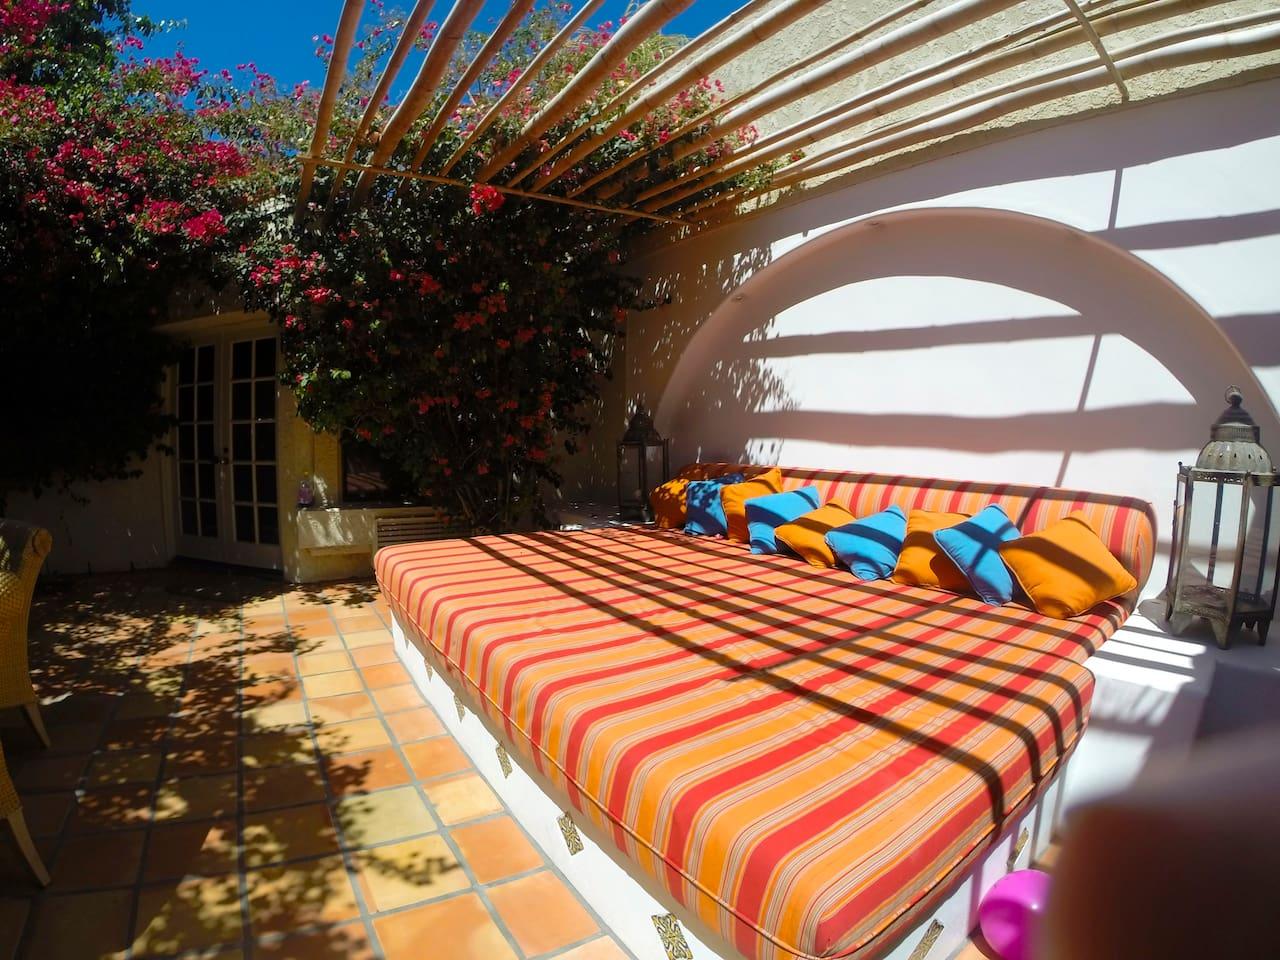 Interior Patio outdoor area